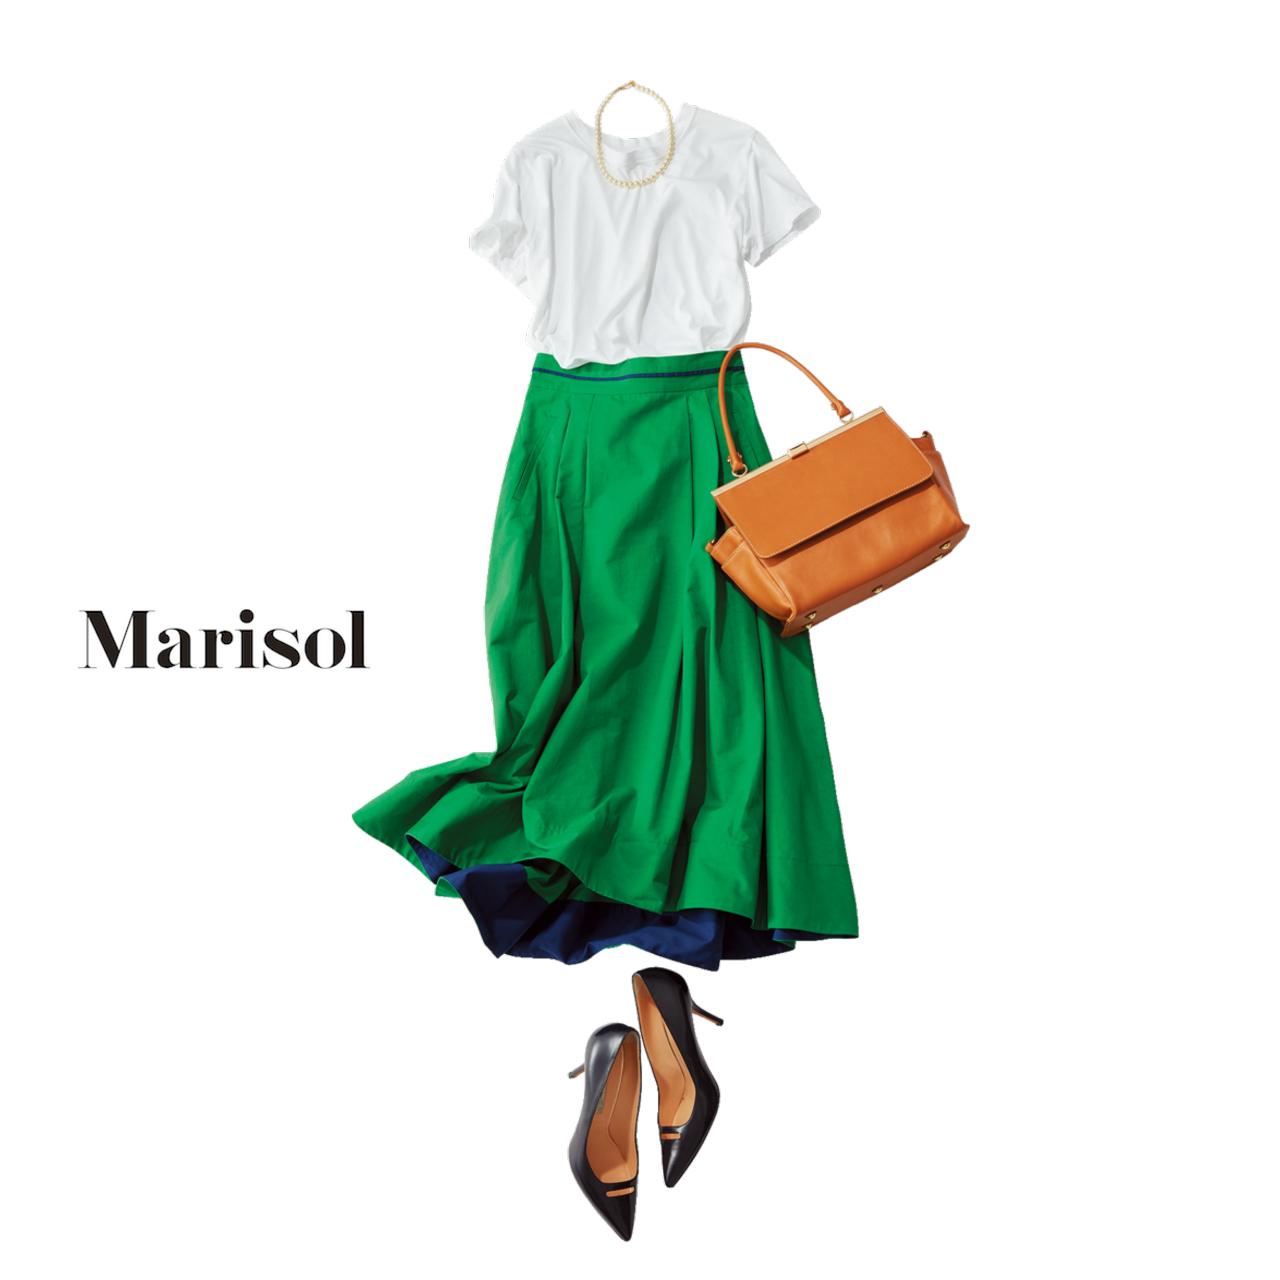 きれい色スカートにはシンプルな白Tシャツを選べば絶対ハズさない!_1_1